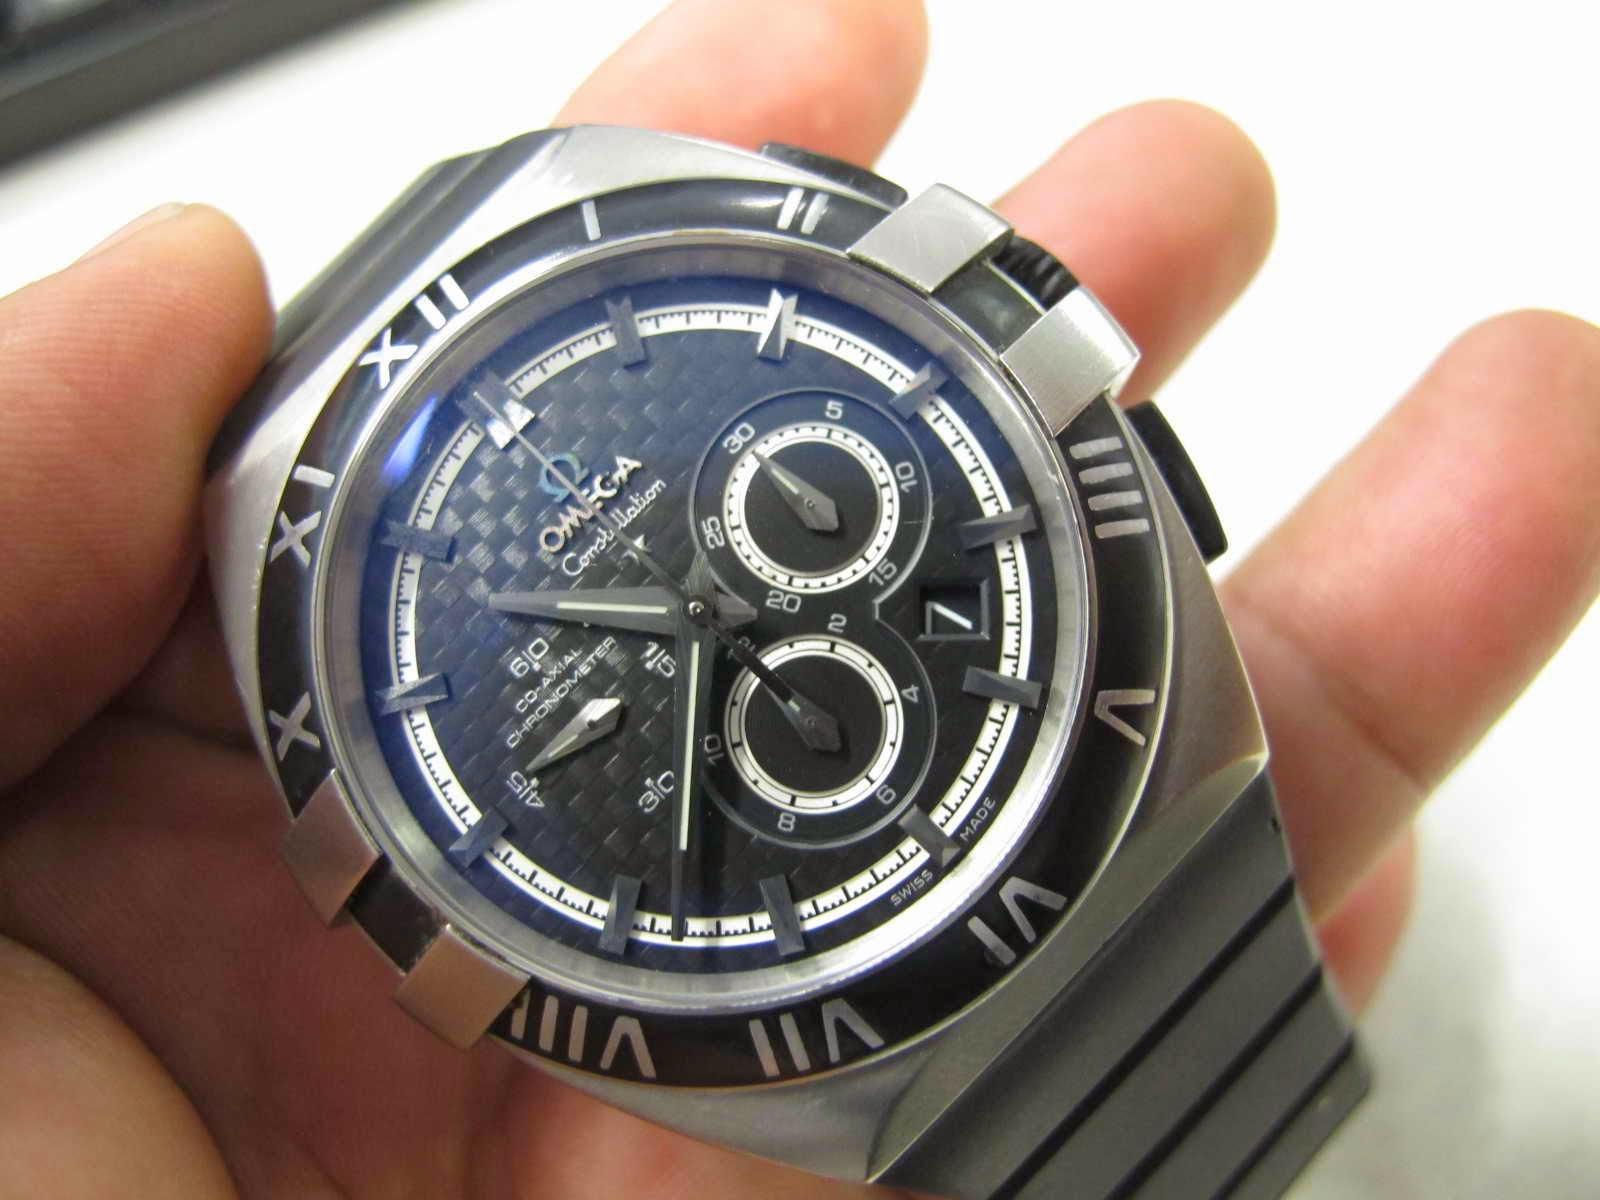 Cocok untuk Anda yang sedang mencari jam tangan dengan case TITANIUM Super RARE watch OMEGA CONSTELLATION DOUBLE EAGLE MISSION HILLS WORLD CUP